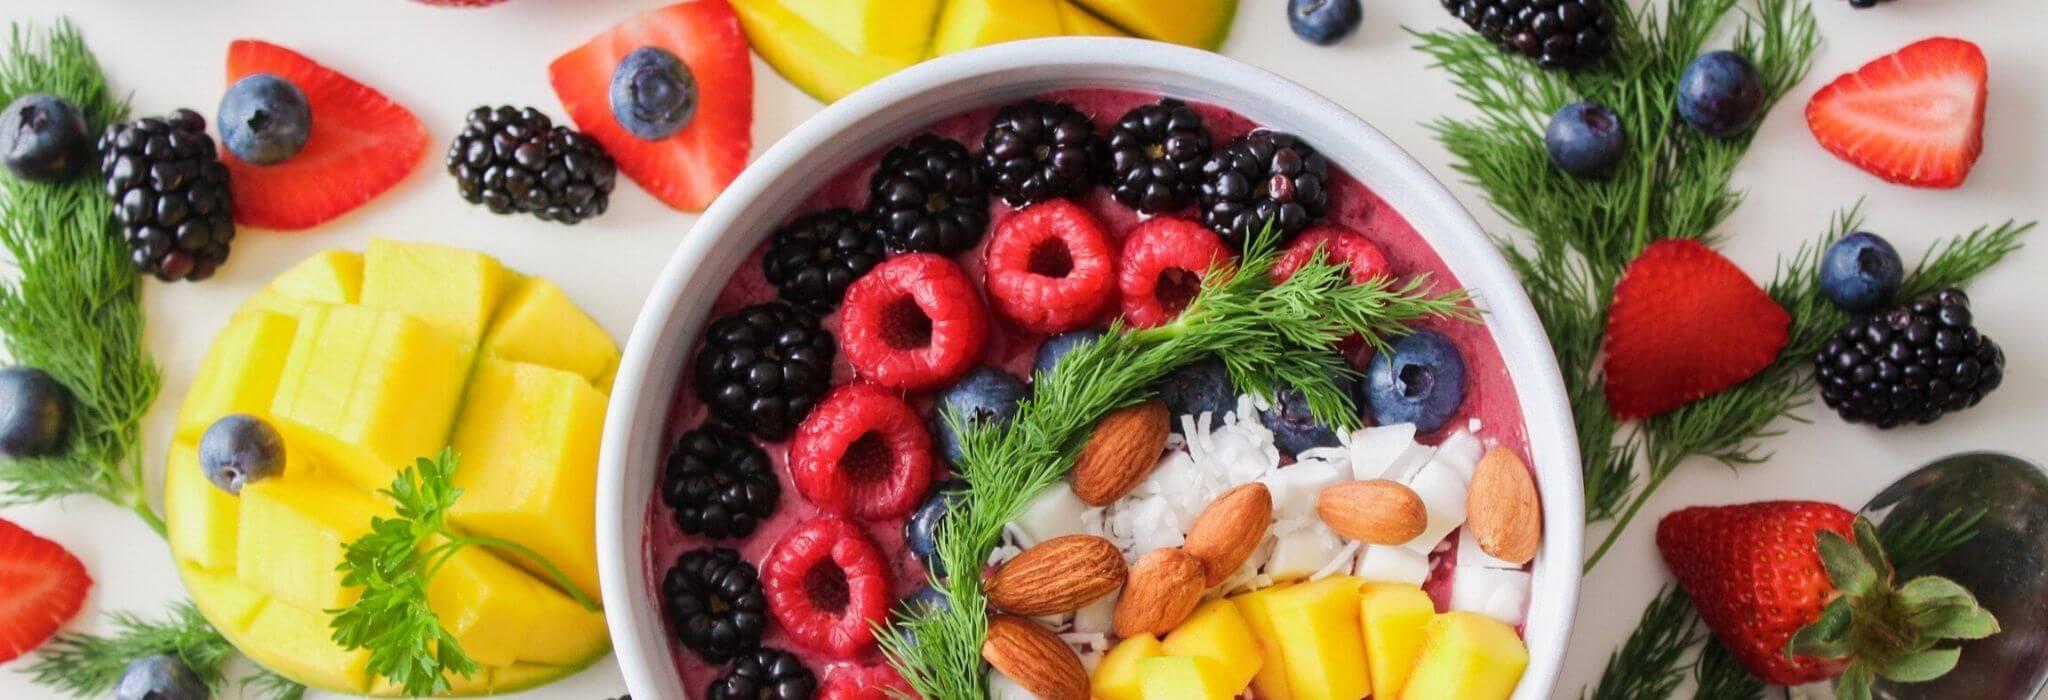 besser essen - glutenfrei, zuckerfrei, natürlich